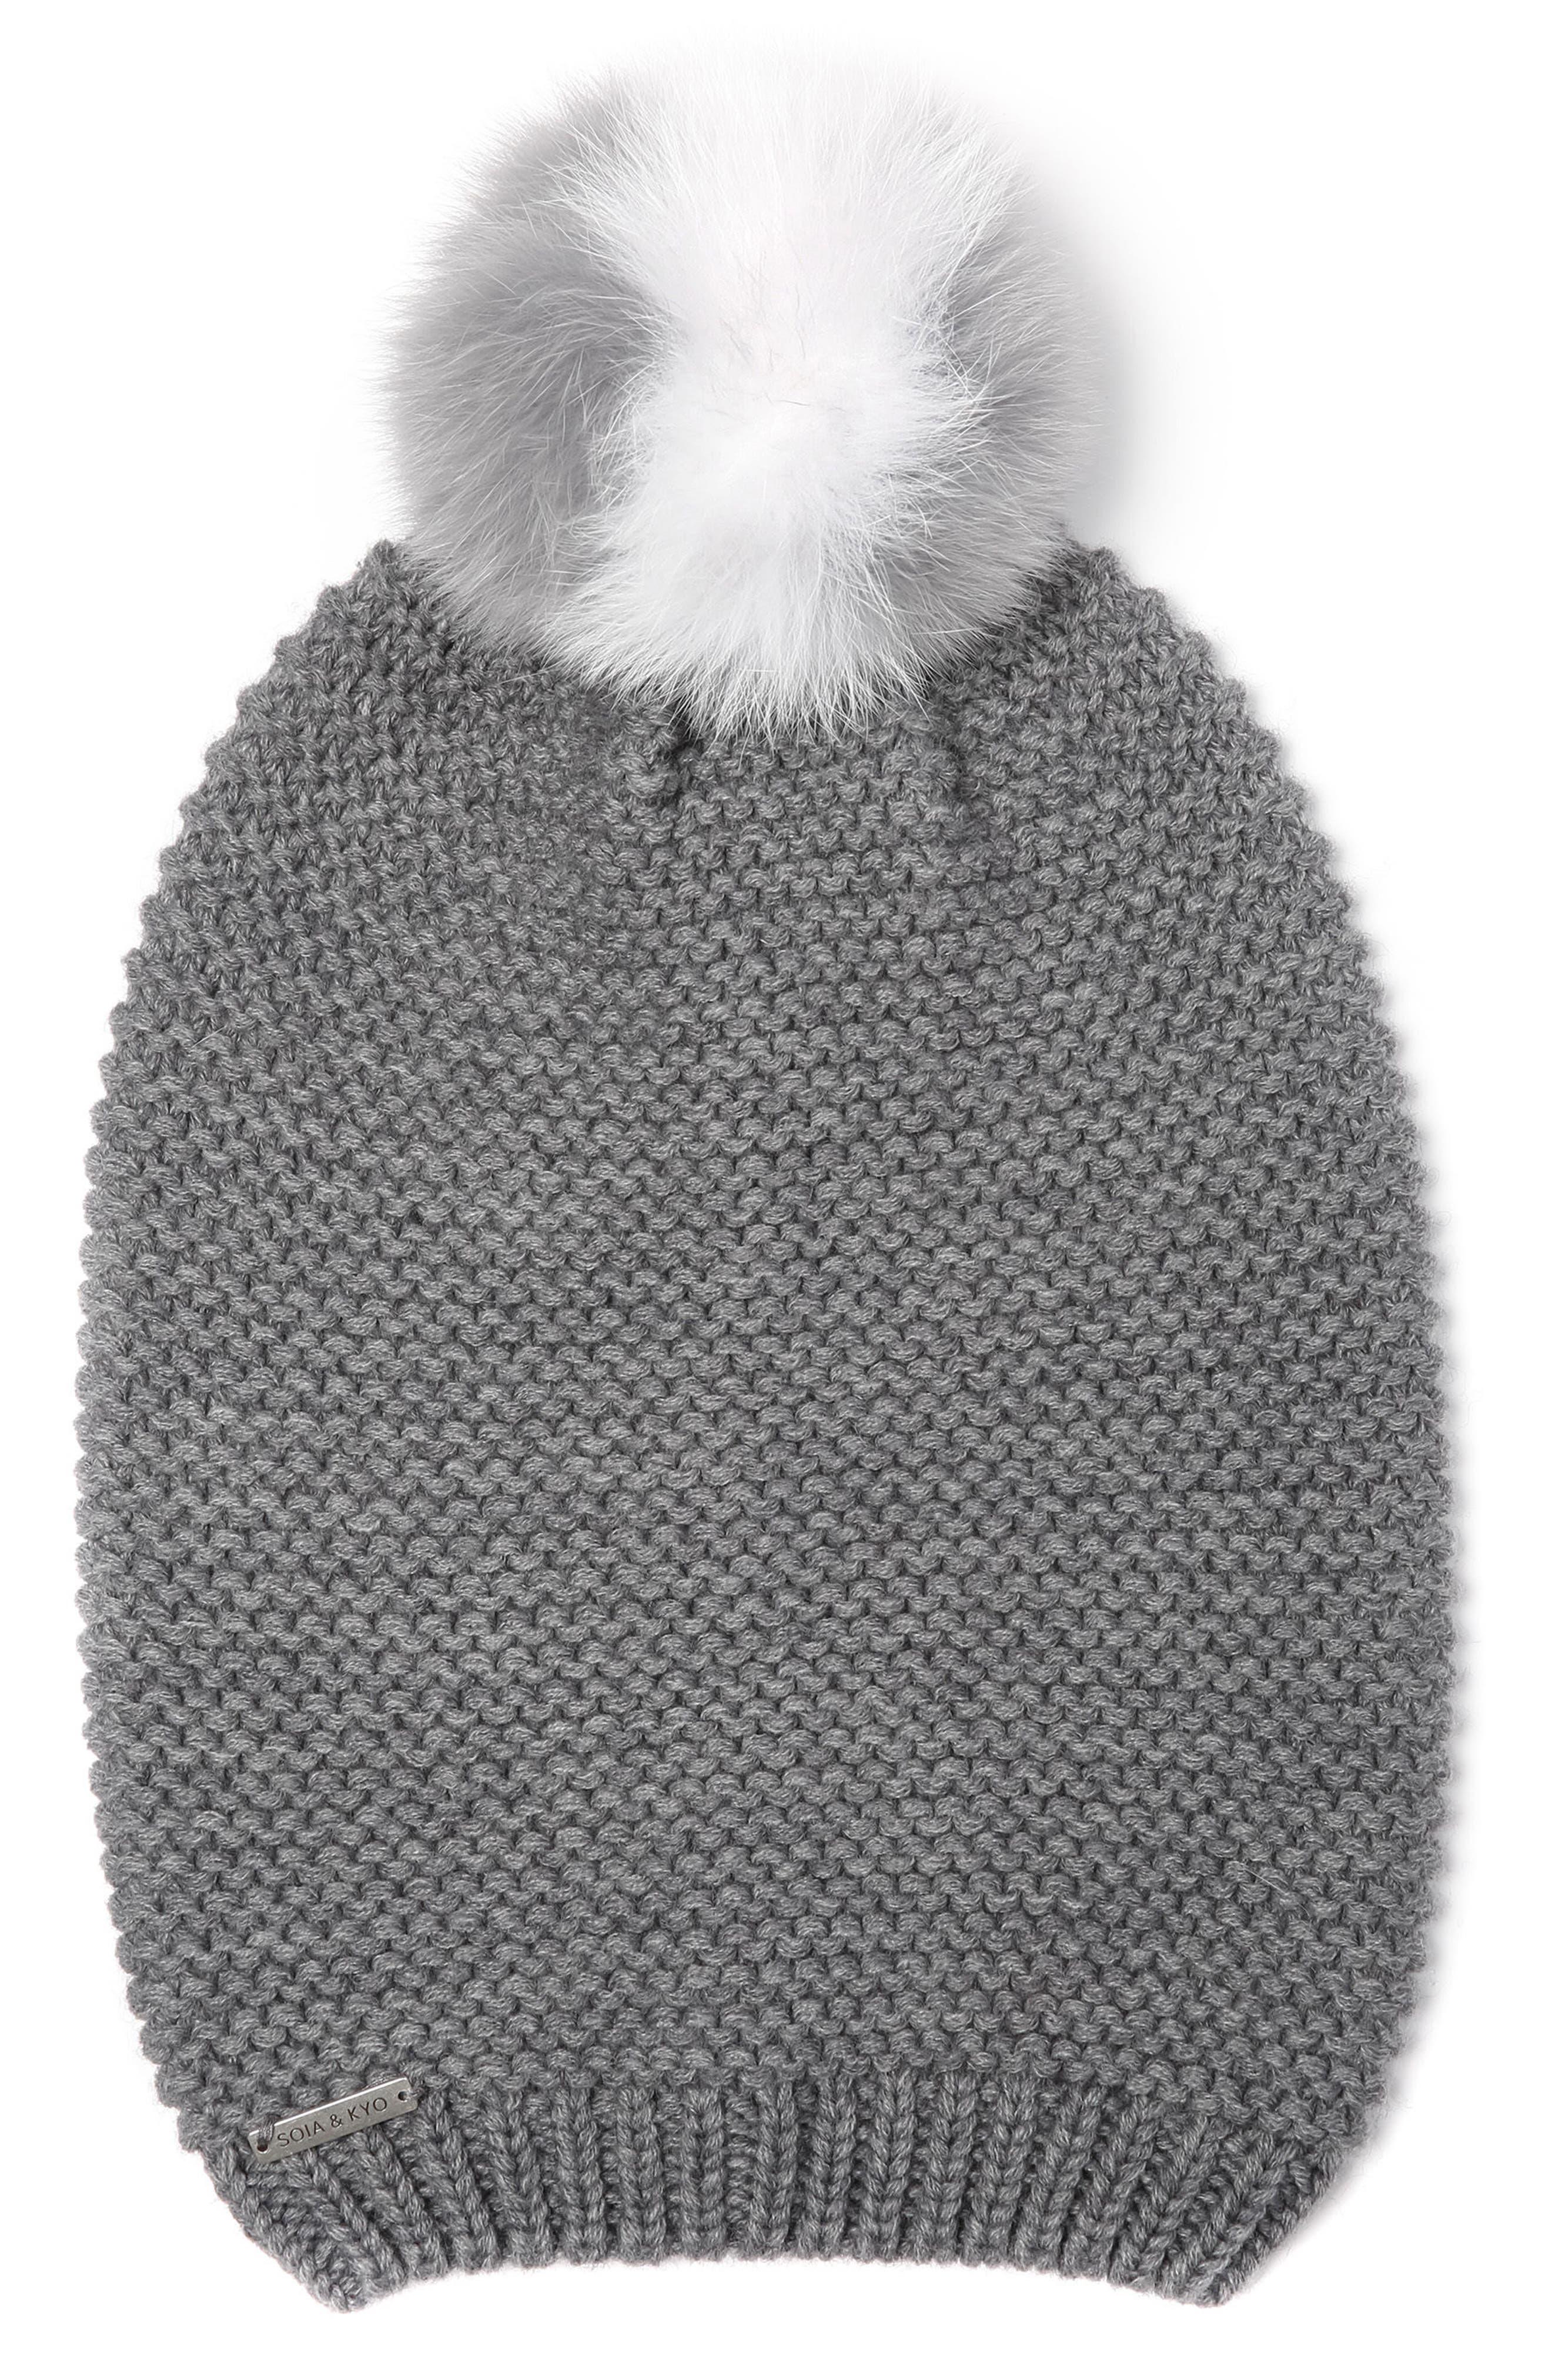 Main Image - Soia & Kyo Slouchy Knit Beanie with Genuine Fox Fur Pompom